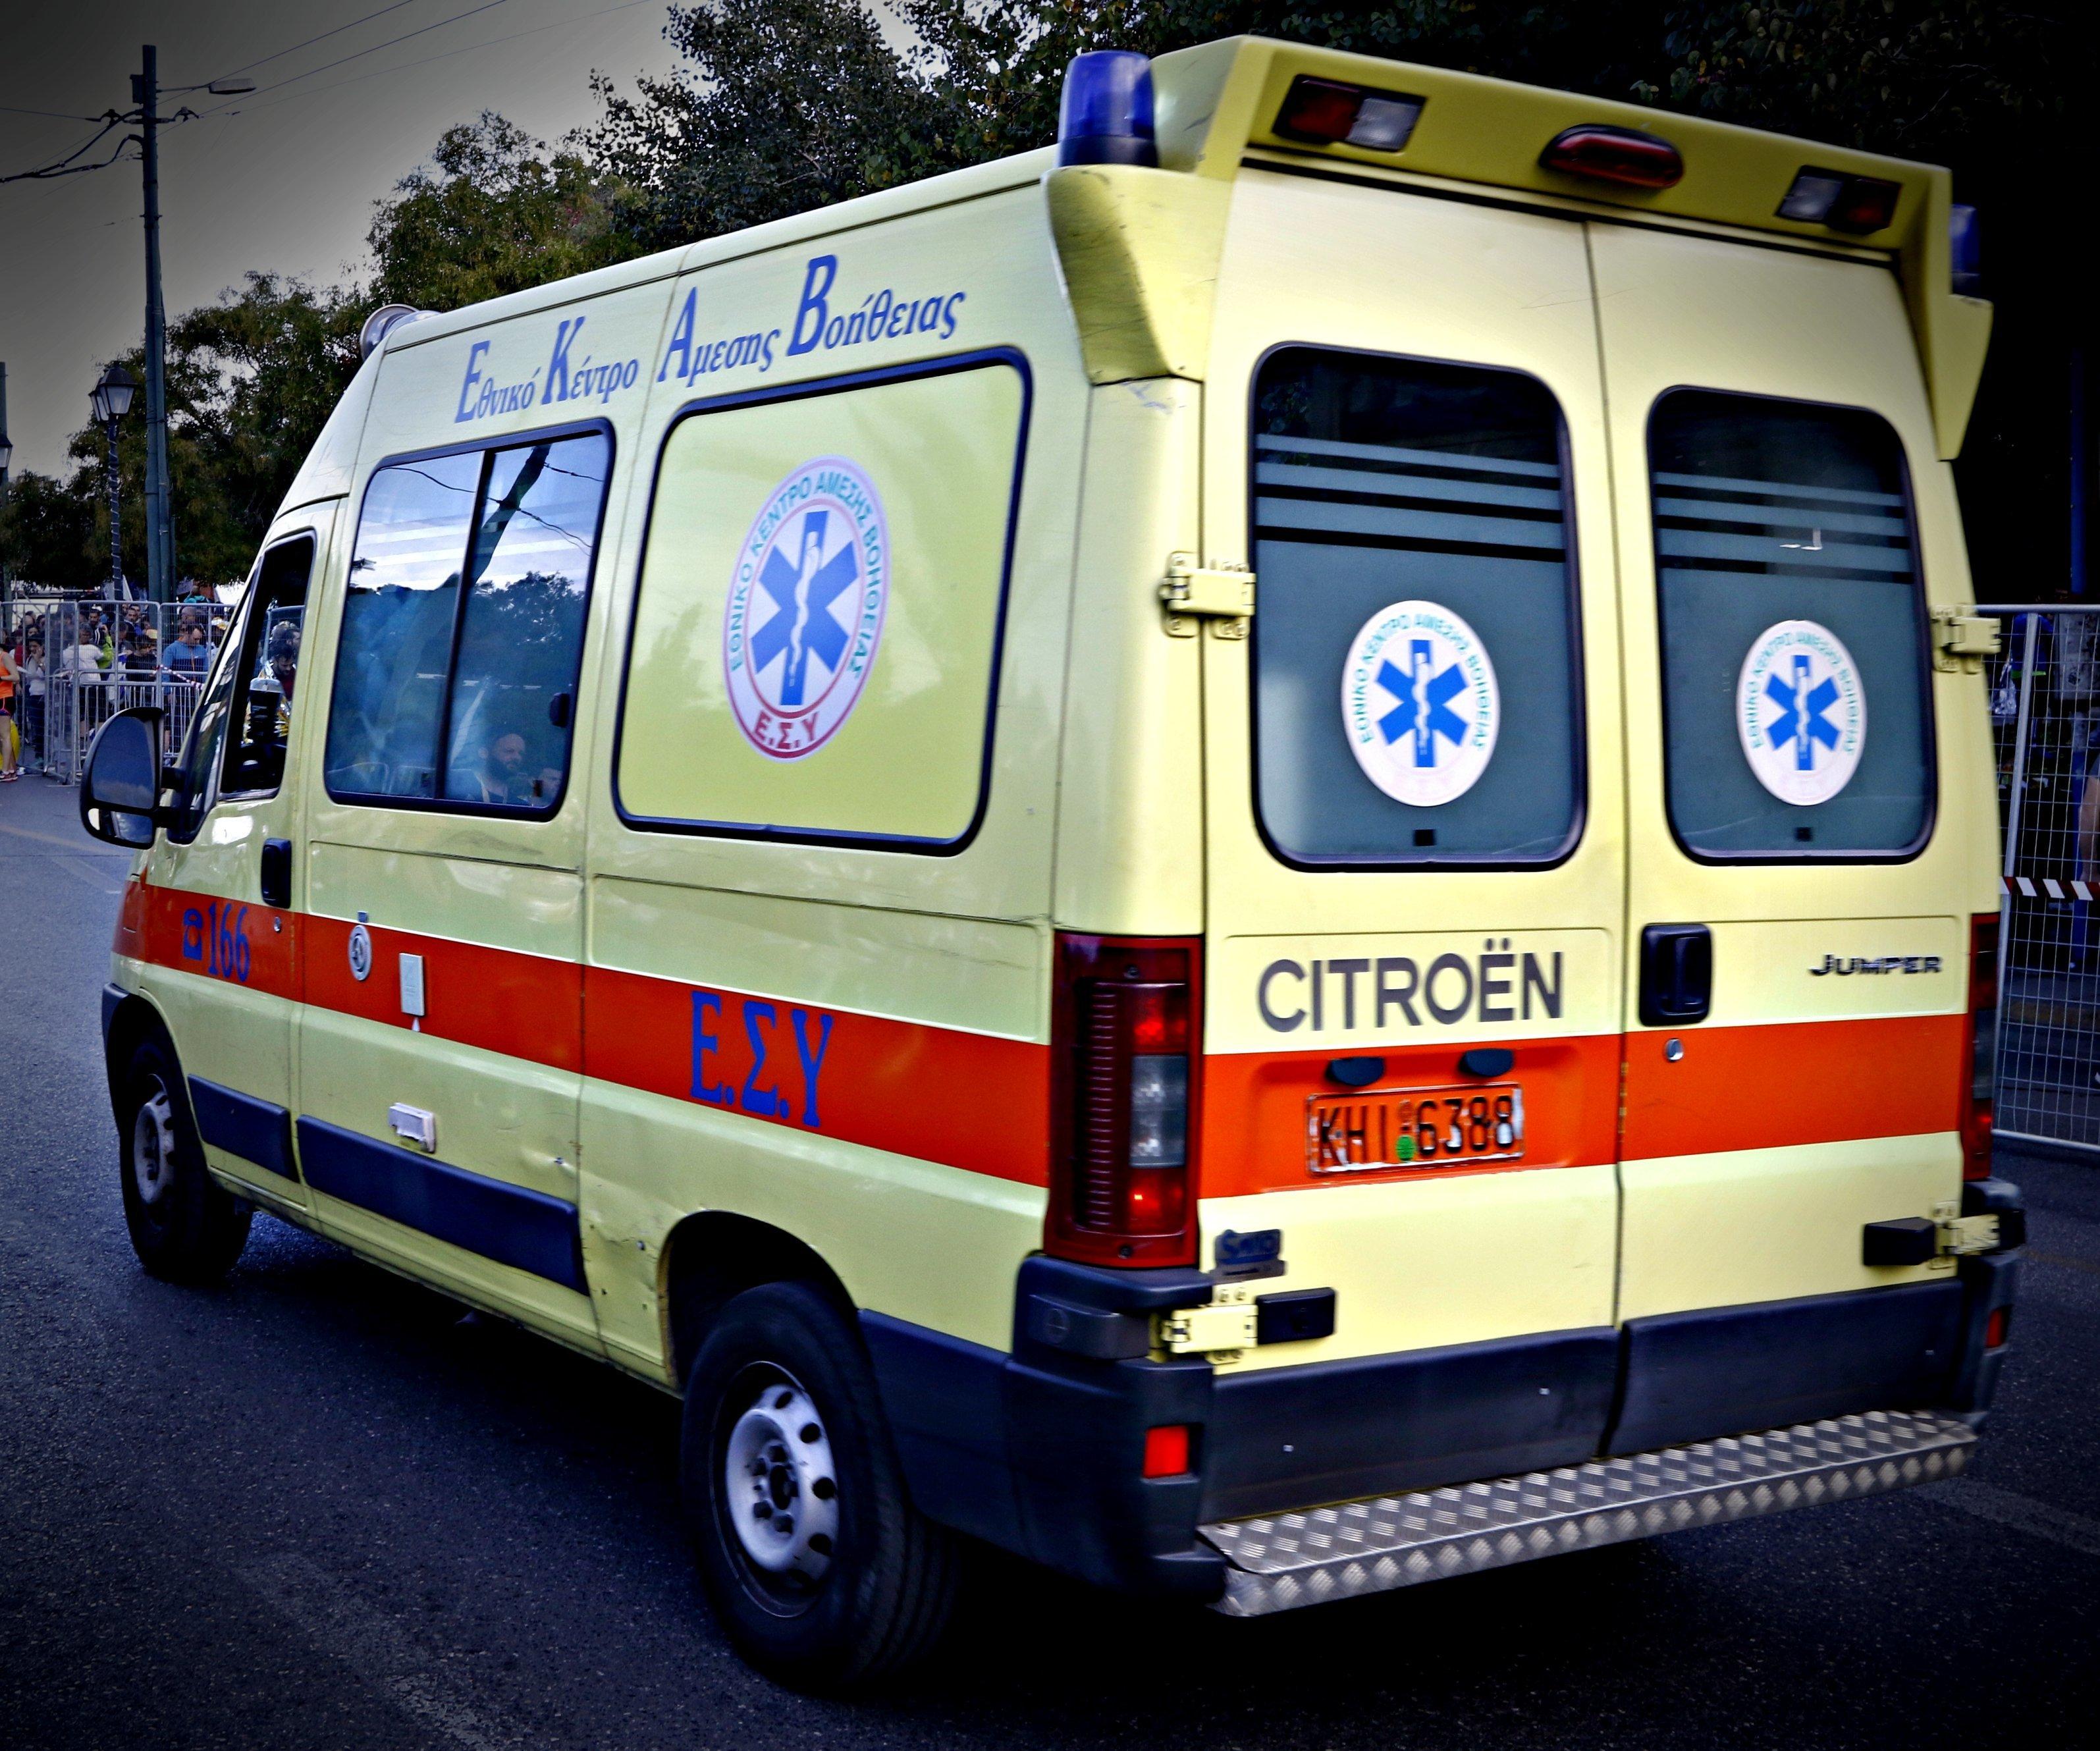 Θεσσαλονίκη: Νεκρός ανήλικος οδηγός δικύκλου σε